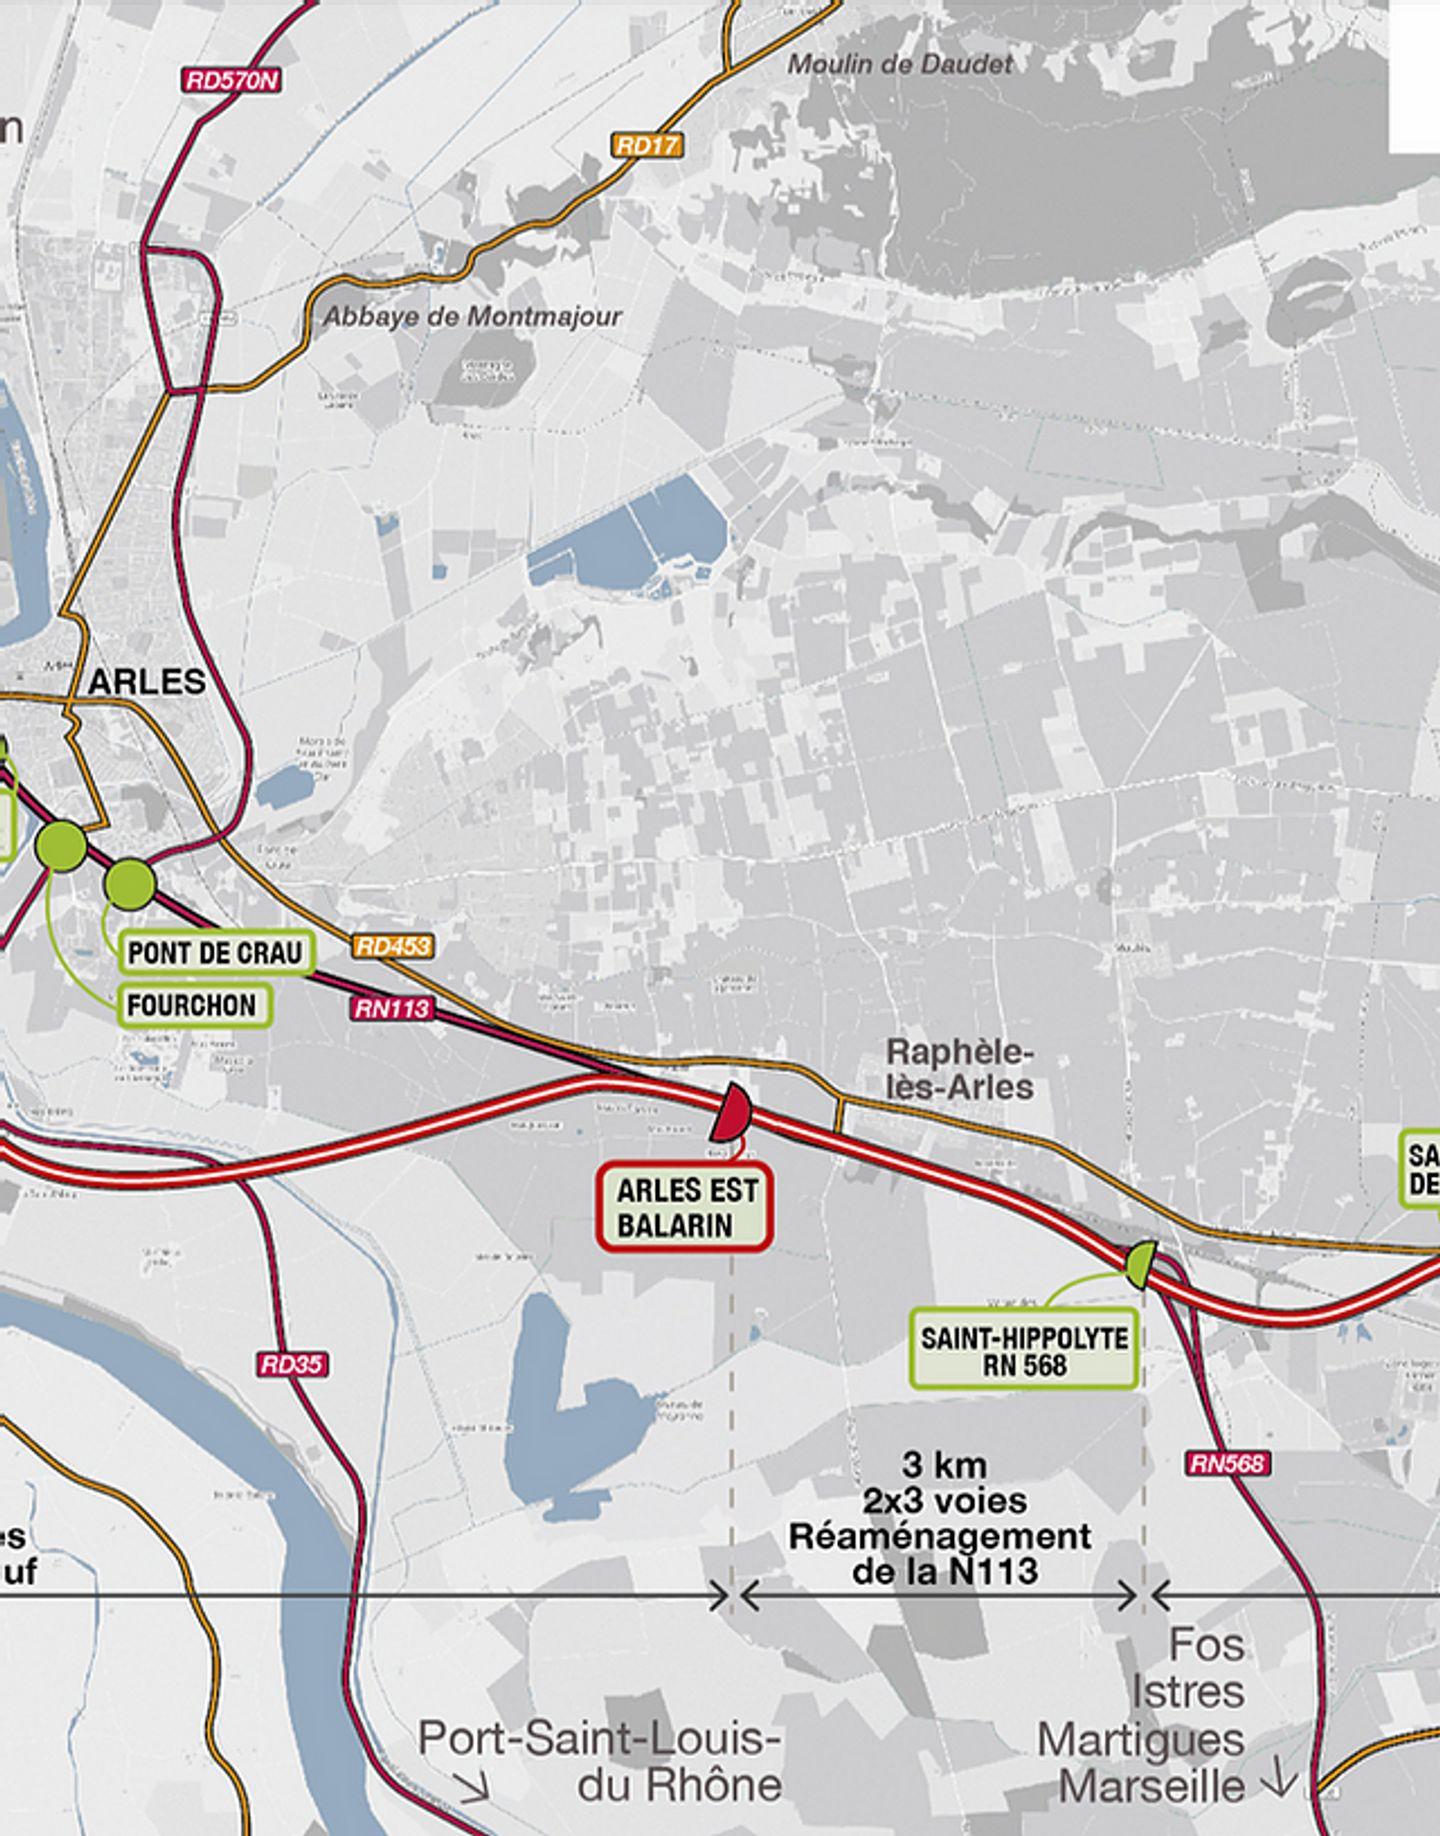 [ SOCIETE ] Le contournement autoroutier d'Arles, un dossier en passe d'être terminé.